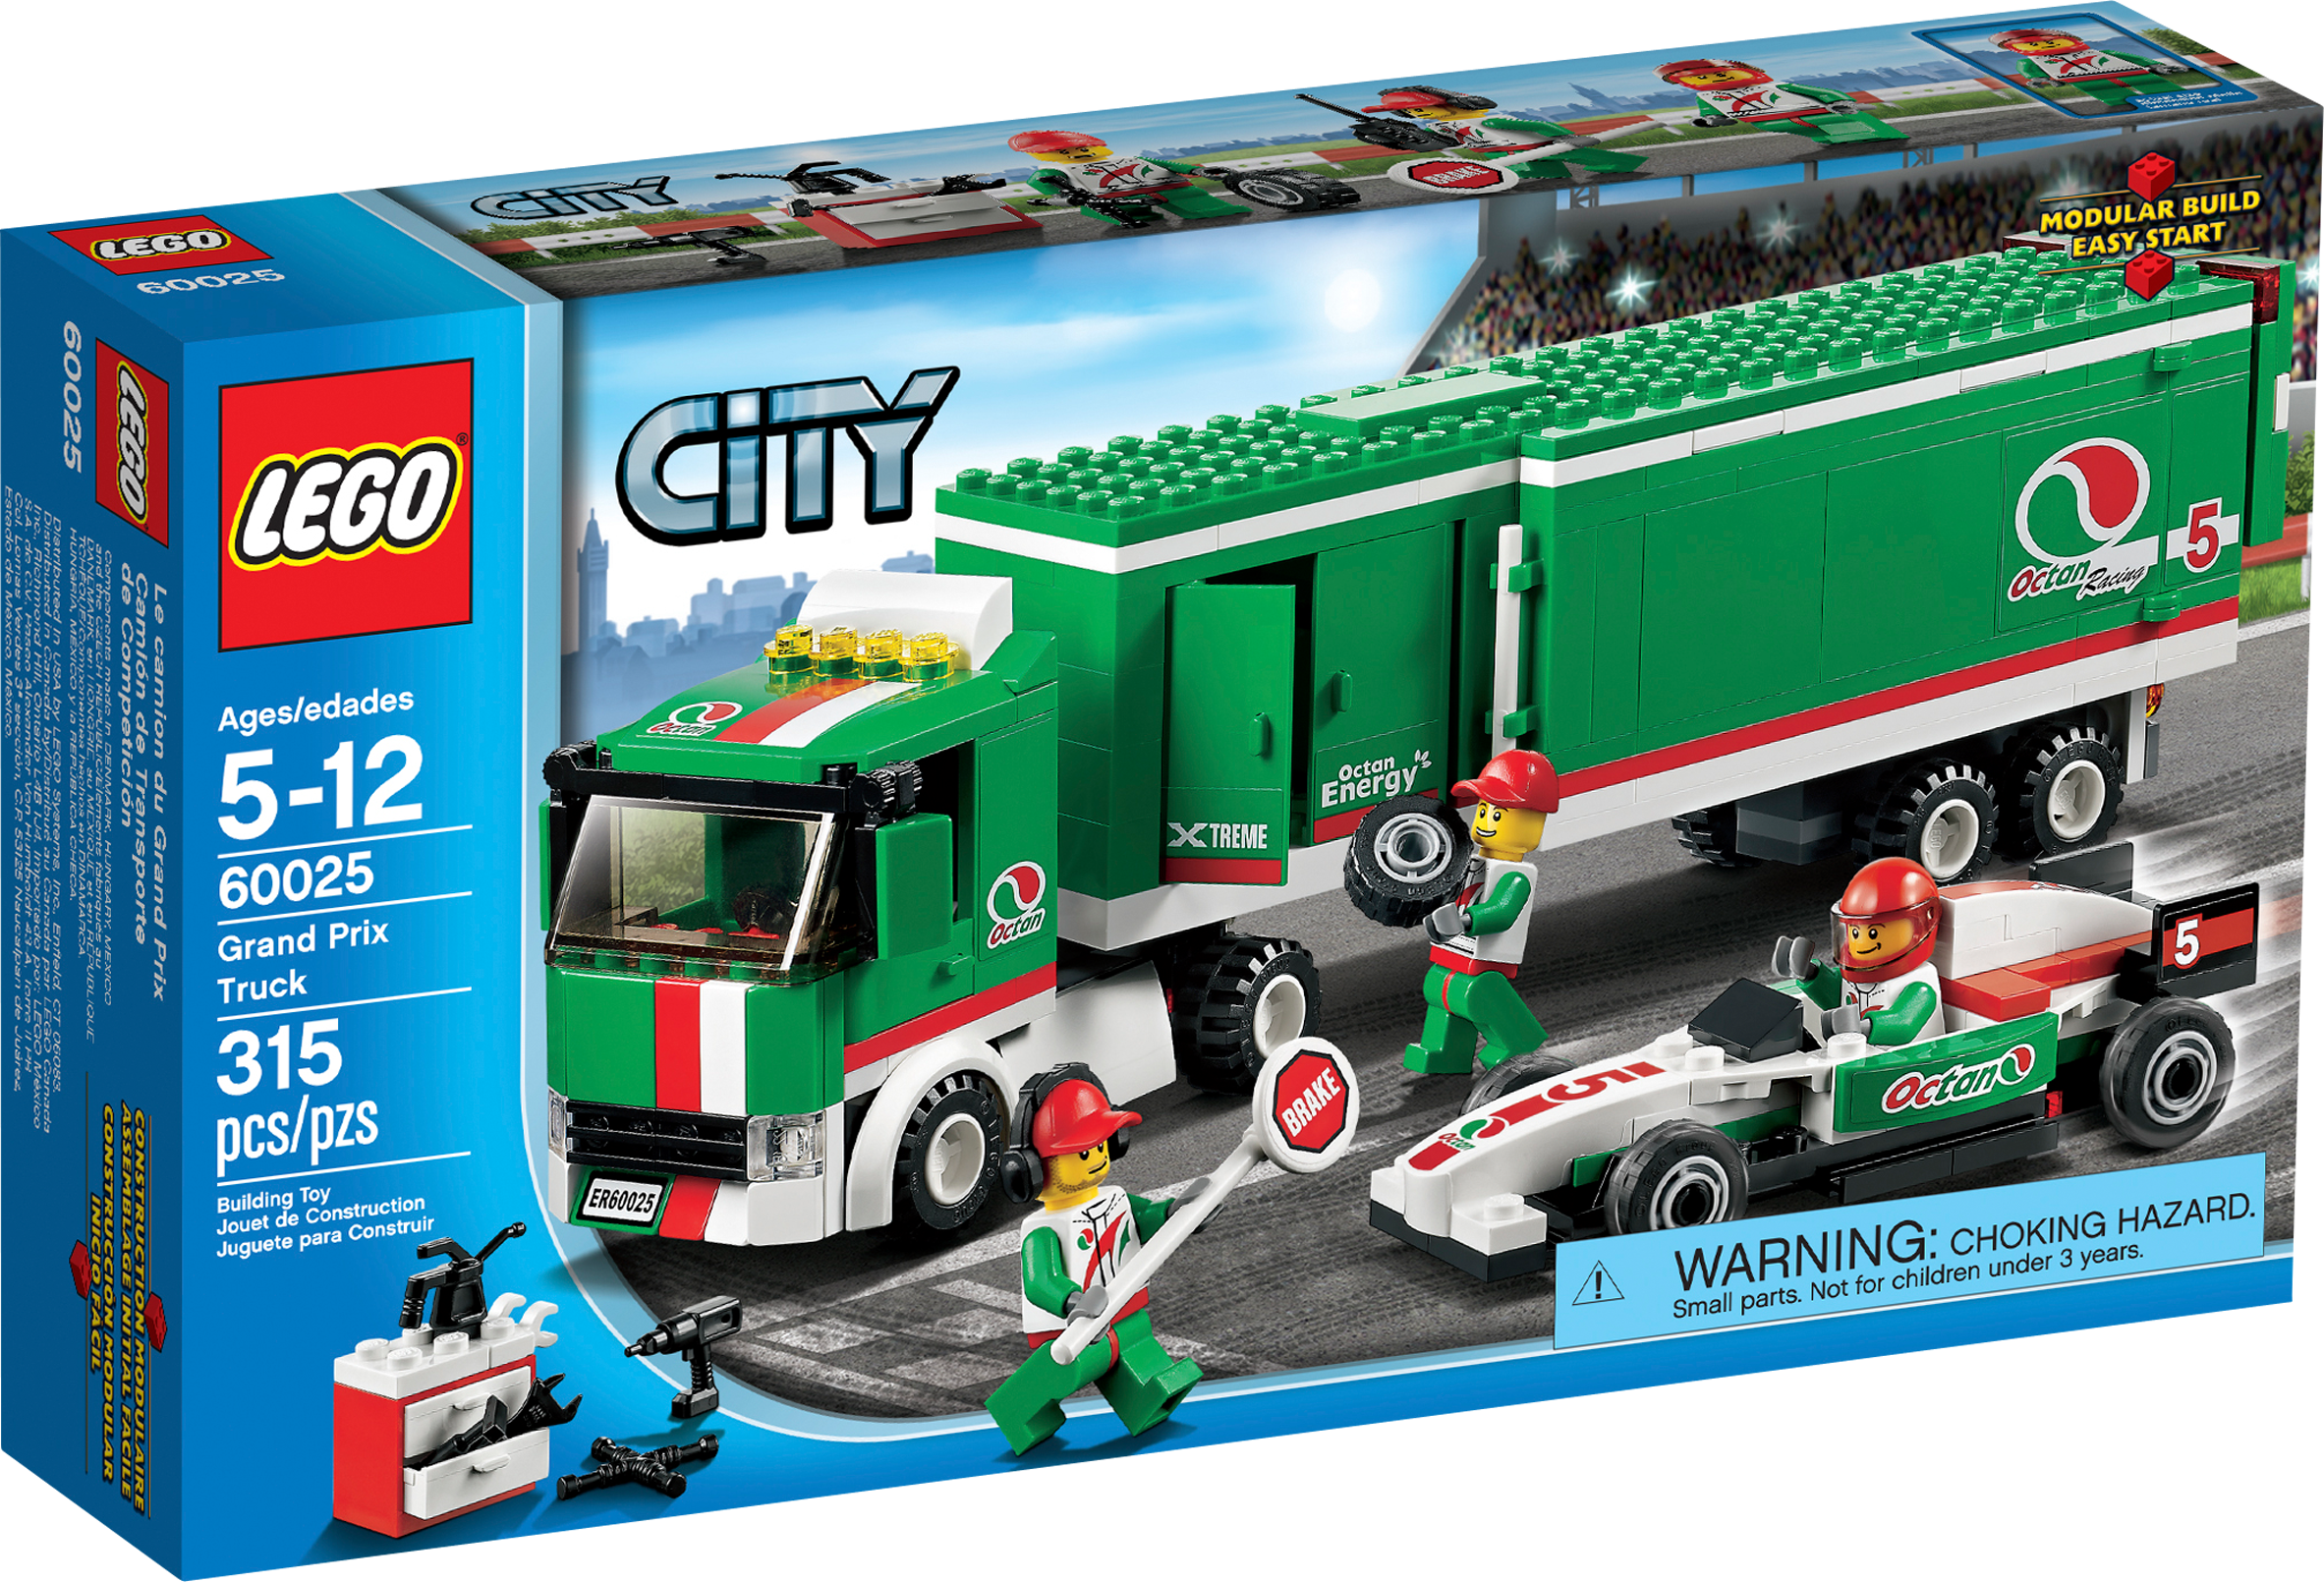 Grand Prix Truck